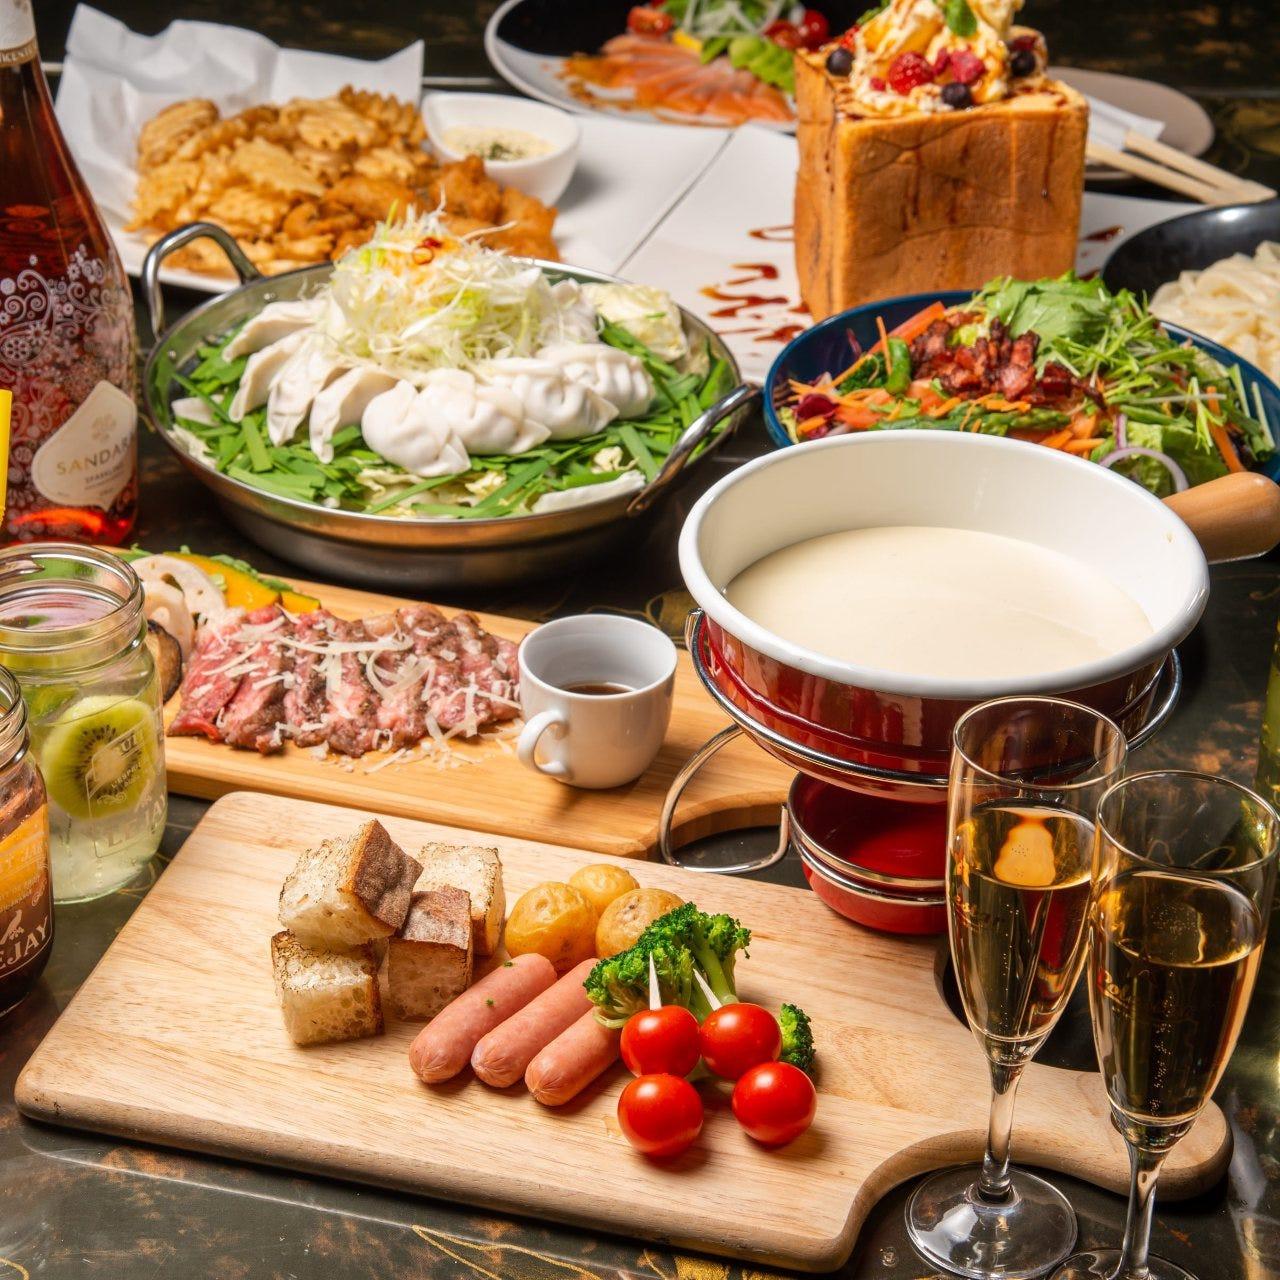 【日曜~木曜限定】料理7品+2時間飲み放題 盛り上がるユニバの女子会コース